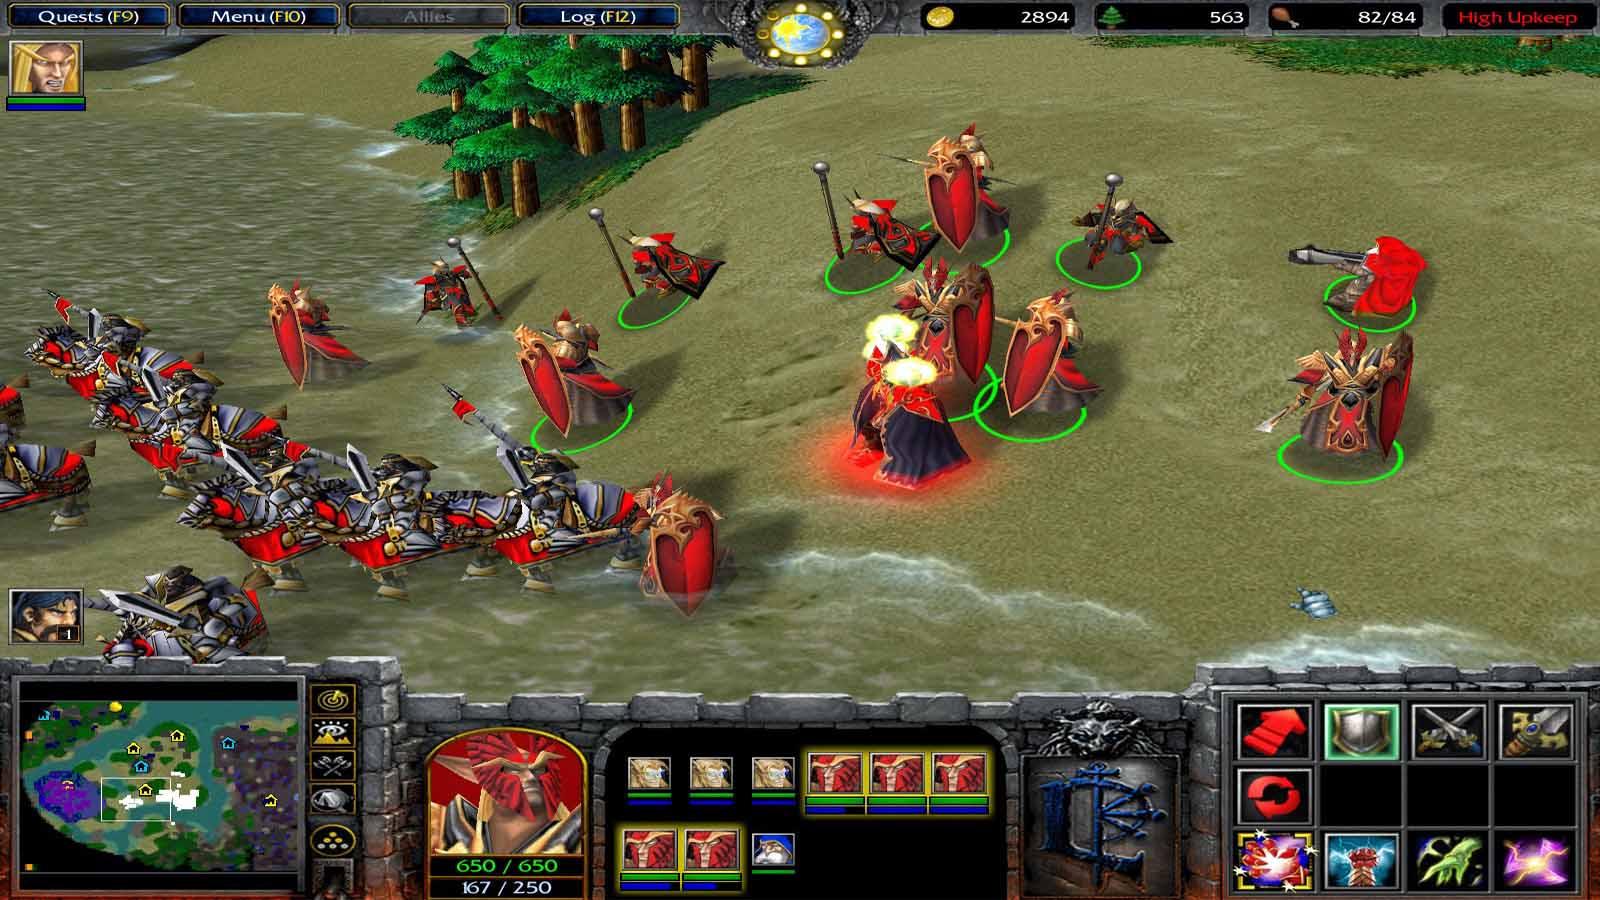 تحميل لعبة Warcraft 3 Collection مضغوطة كاملة بروابط مباشرة مجانا